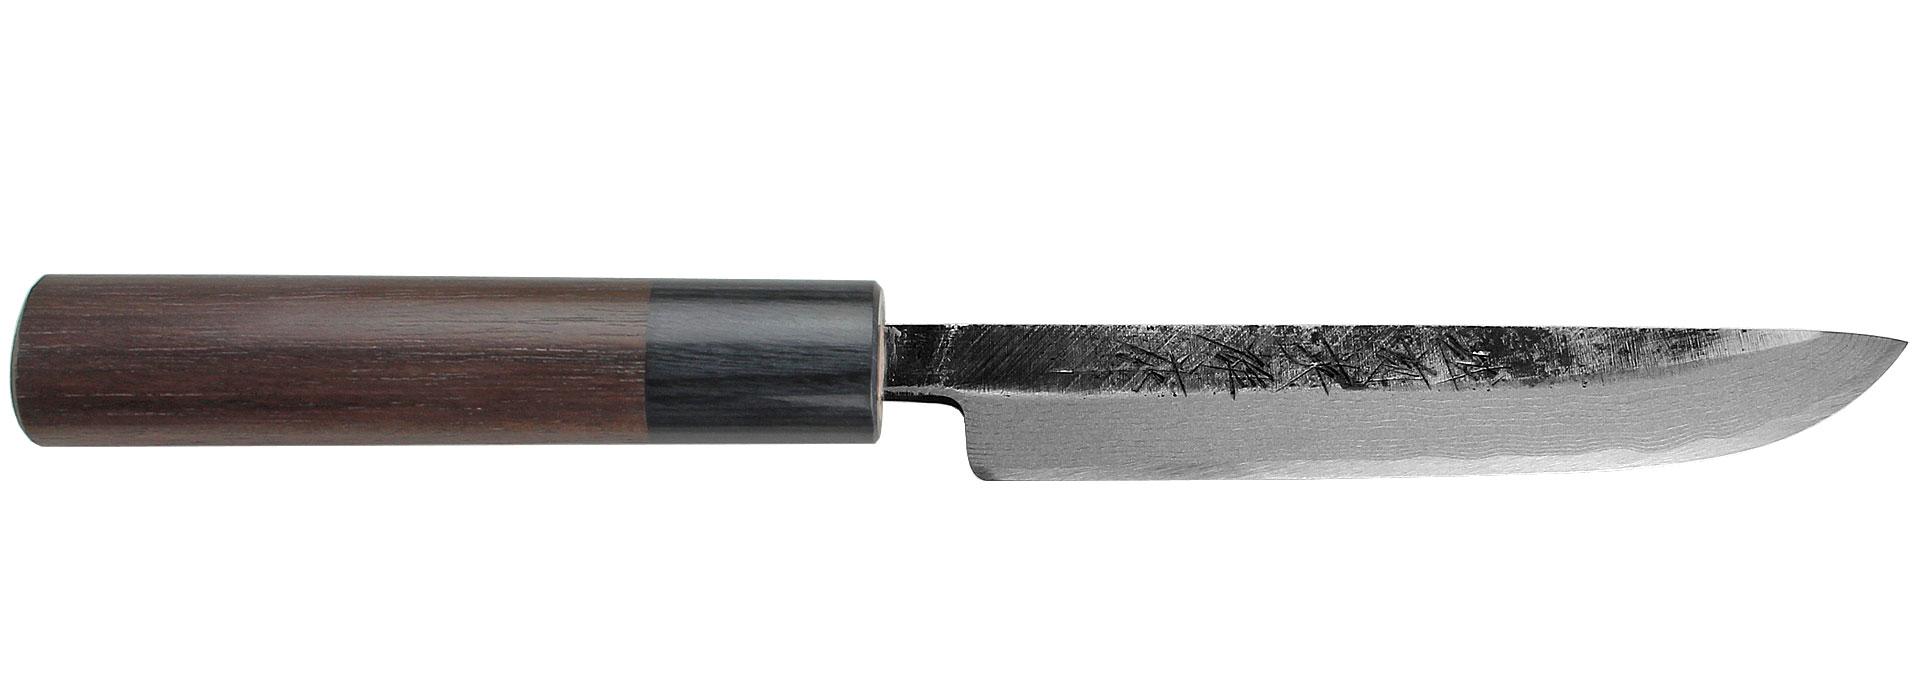 handmade kitchen knives made by hideo kitaoka fine tools